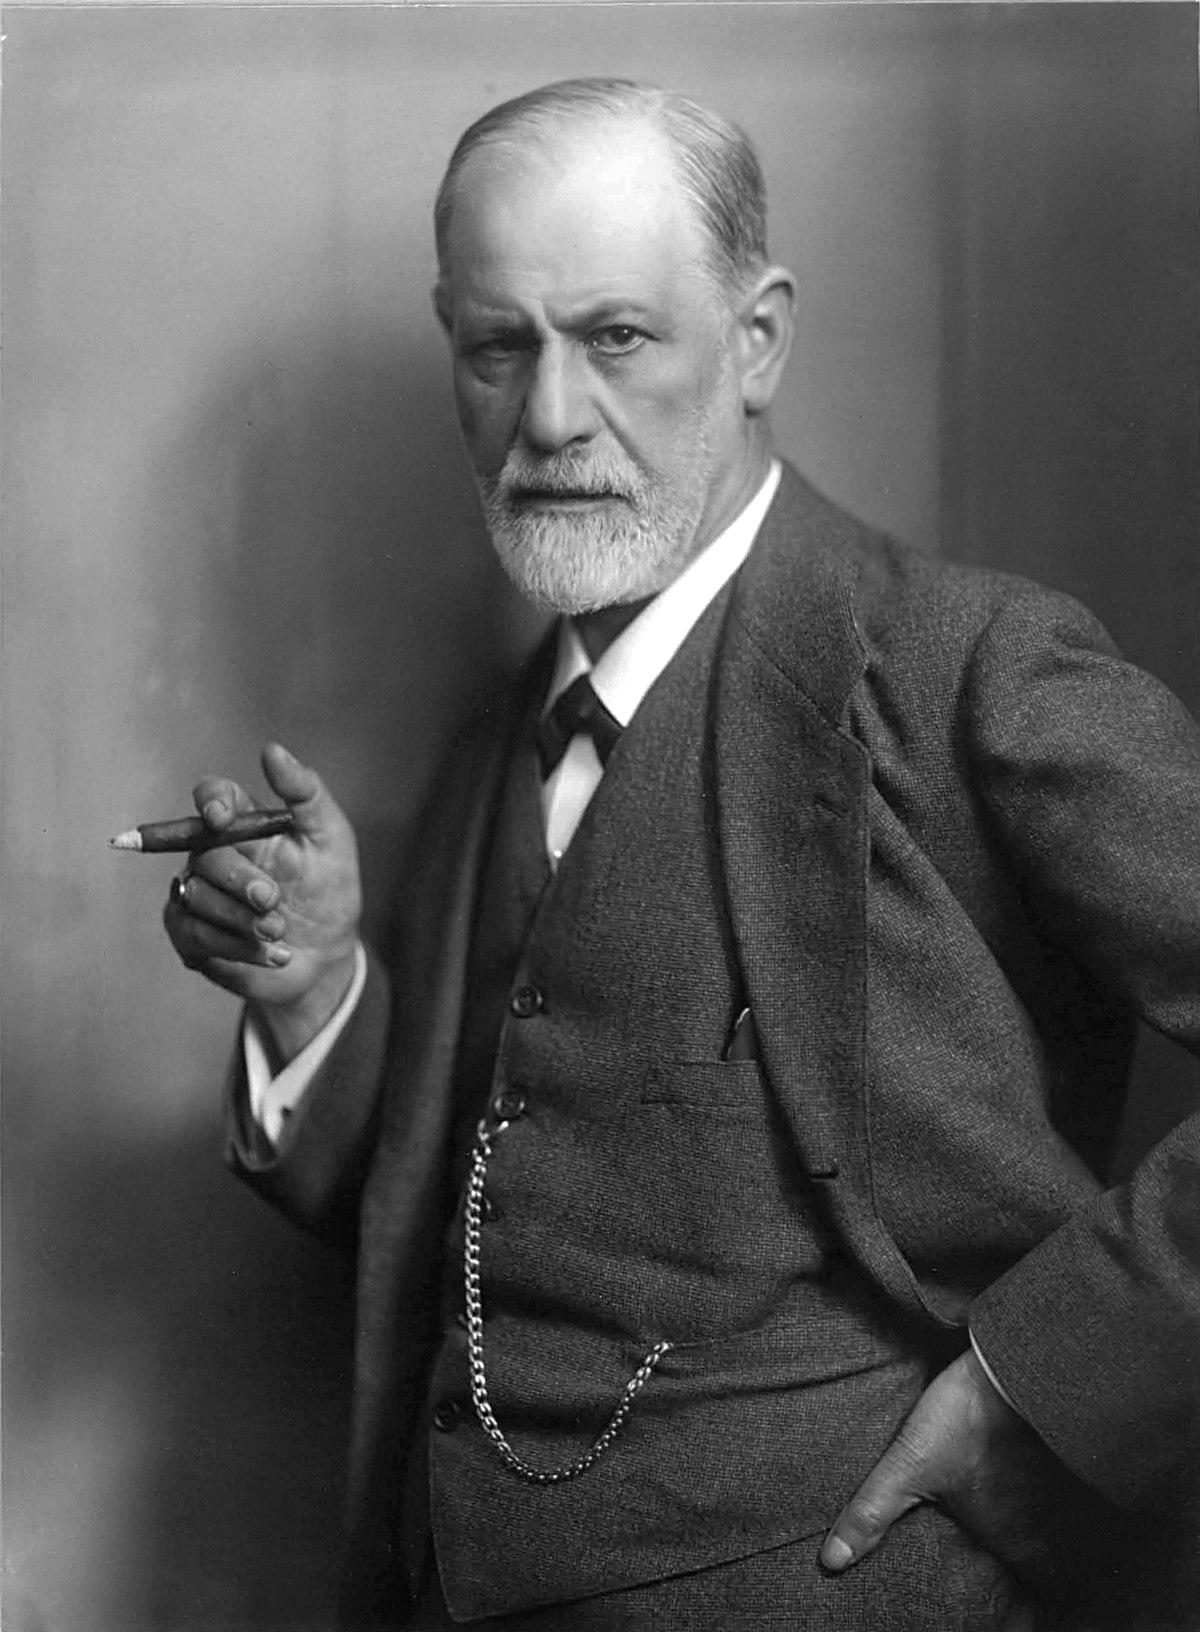 Freud a pénisz irigységén növelje a péniszet tablettákkal